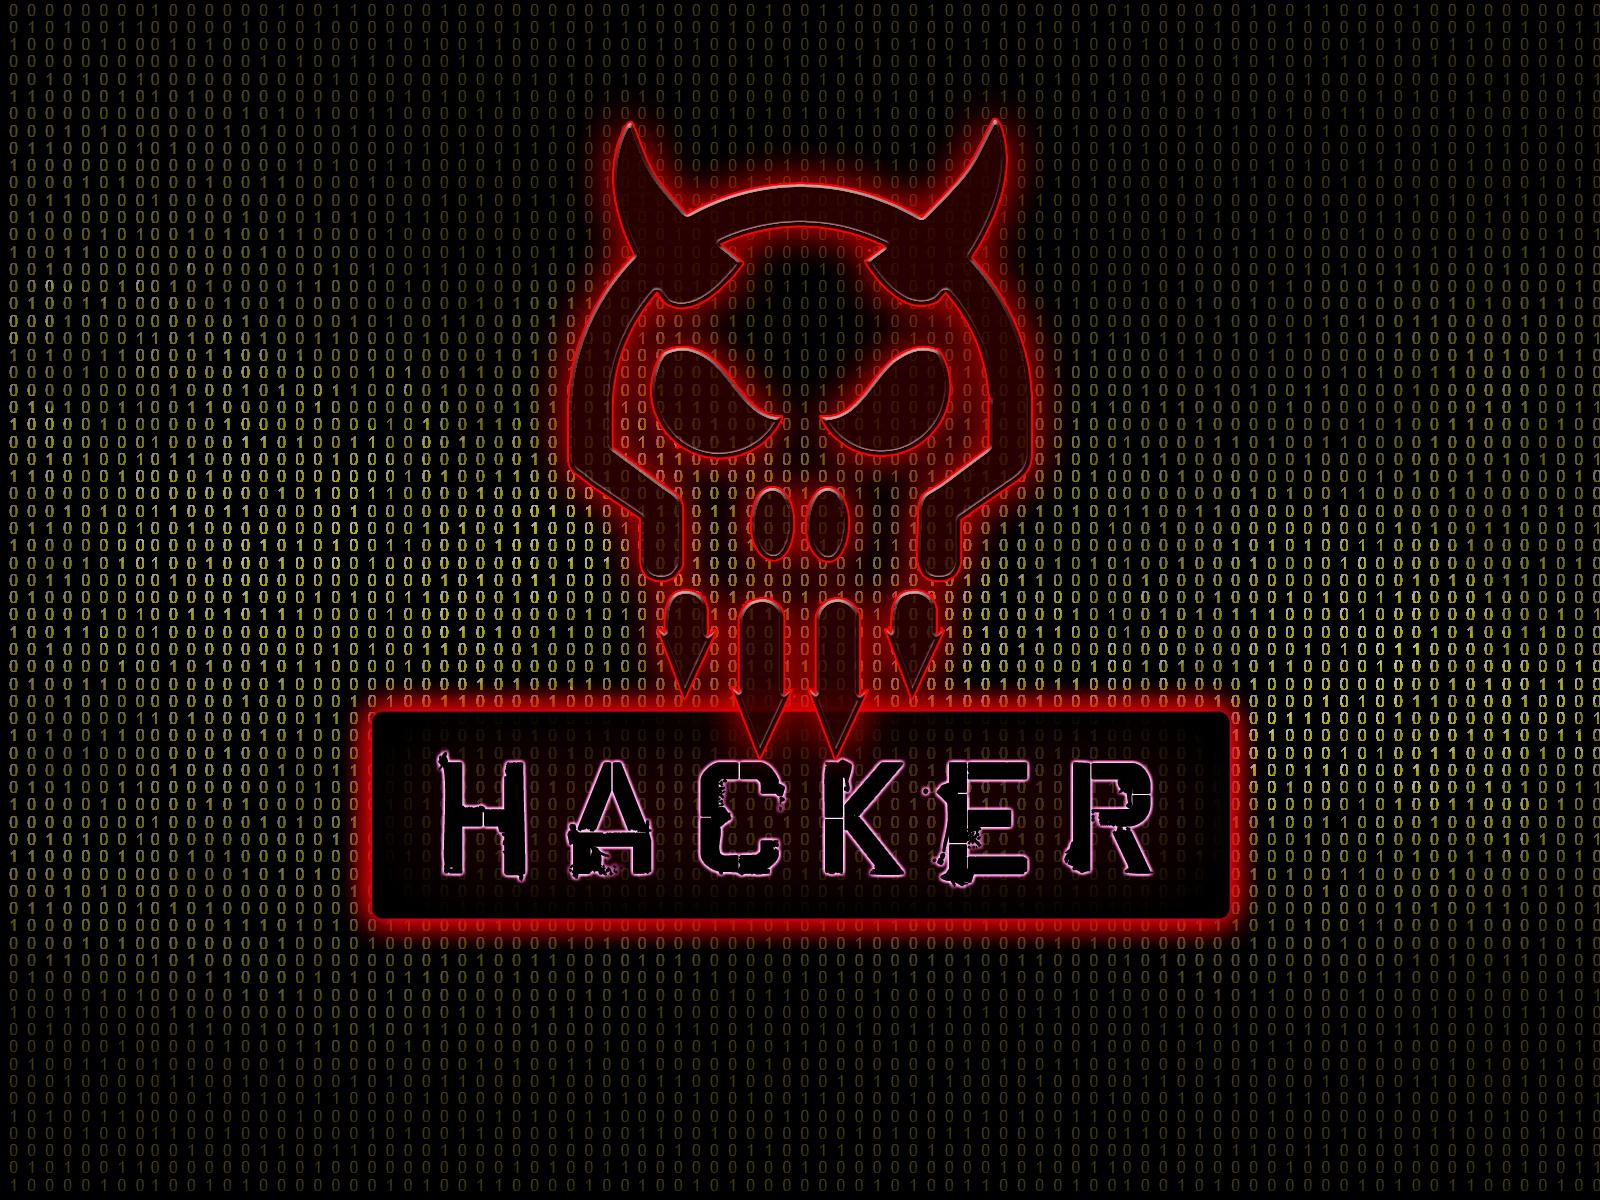 Hacker Wallpaper by DjStyfler 1600x1200